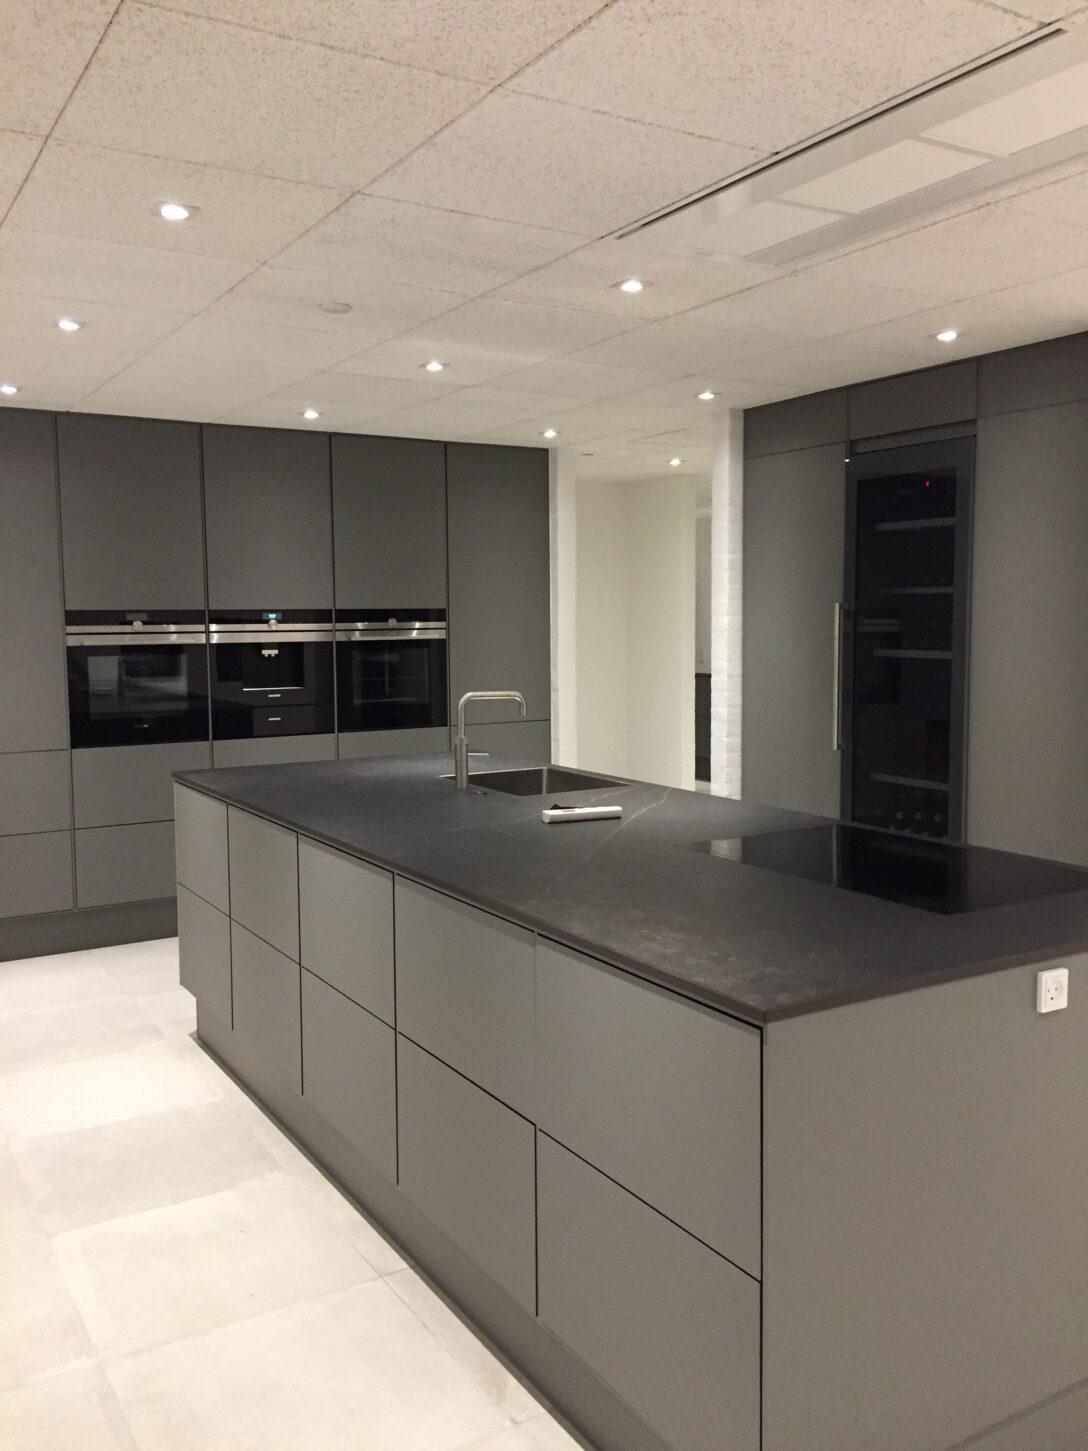 Large Size of Pin Von Yesy Ramirez Auf Casa Villa Real In 2020 Graue Kchen Küchen Regal Wohnzimmer Real Küchen